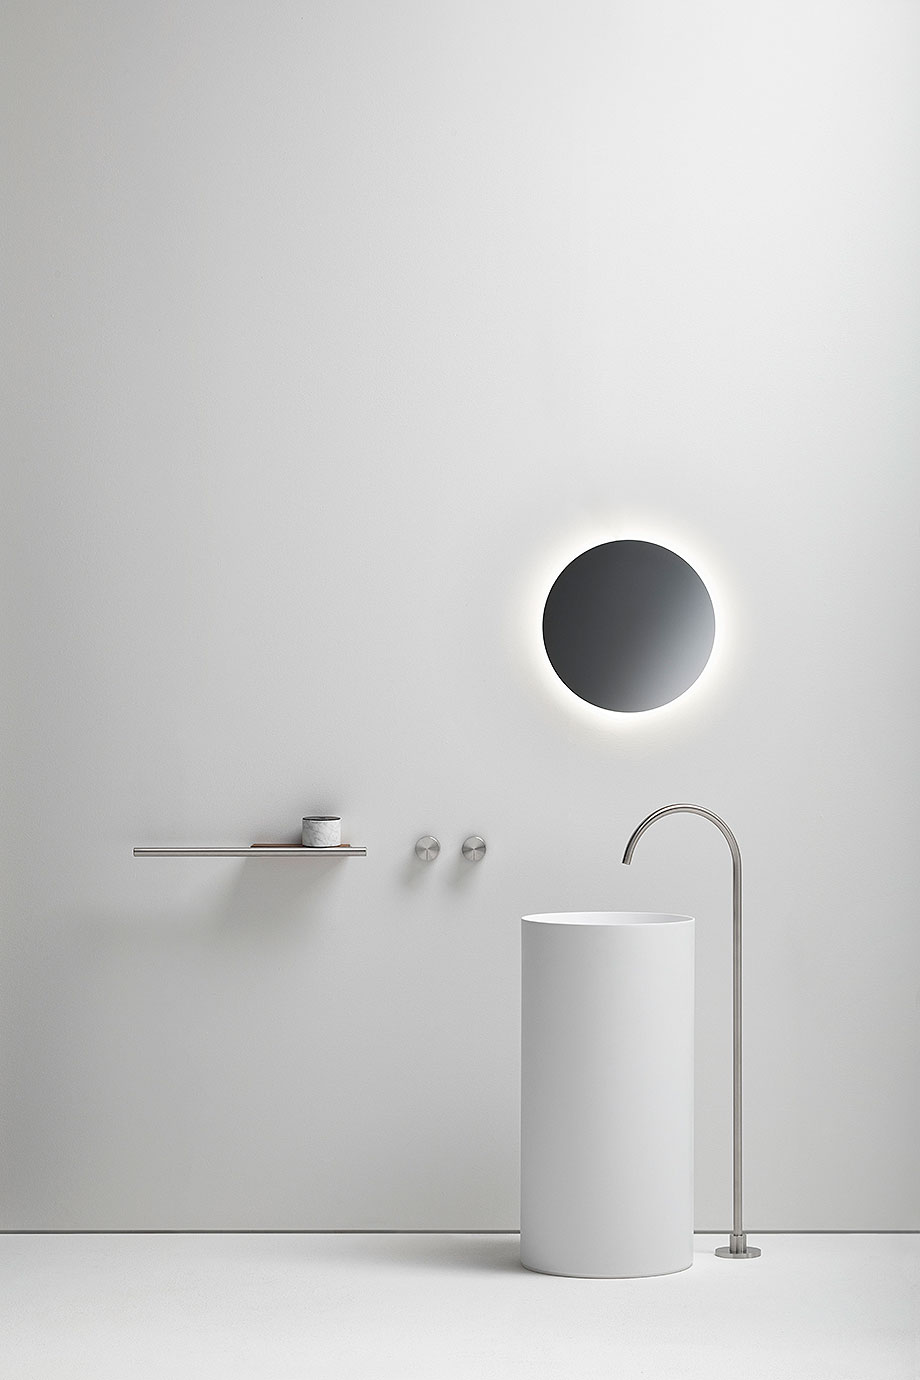 accesorios para baño cilindro de victor vasilev para falper (4) - foto alberto strada